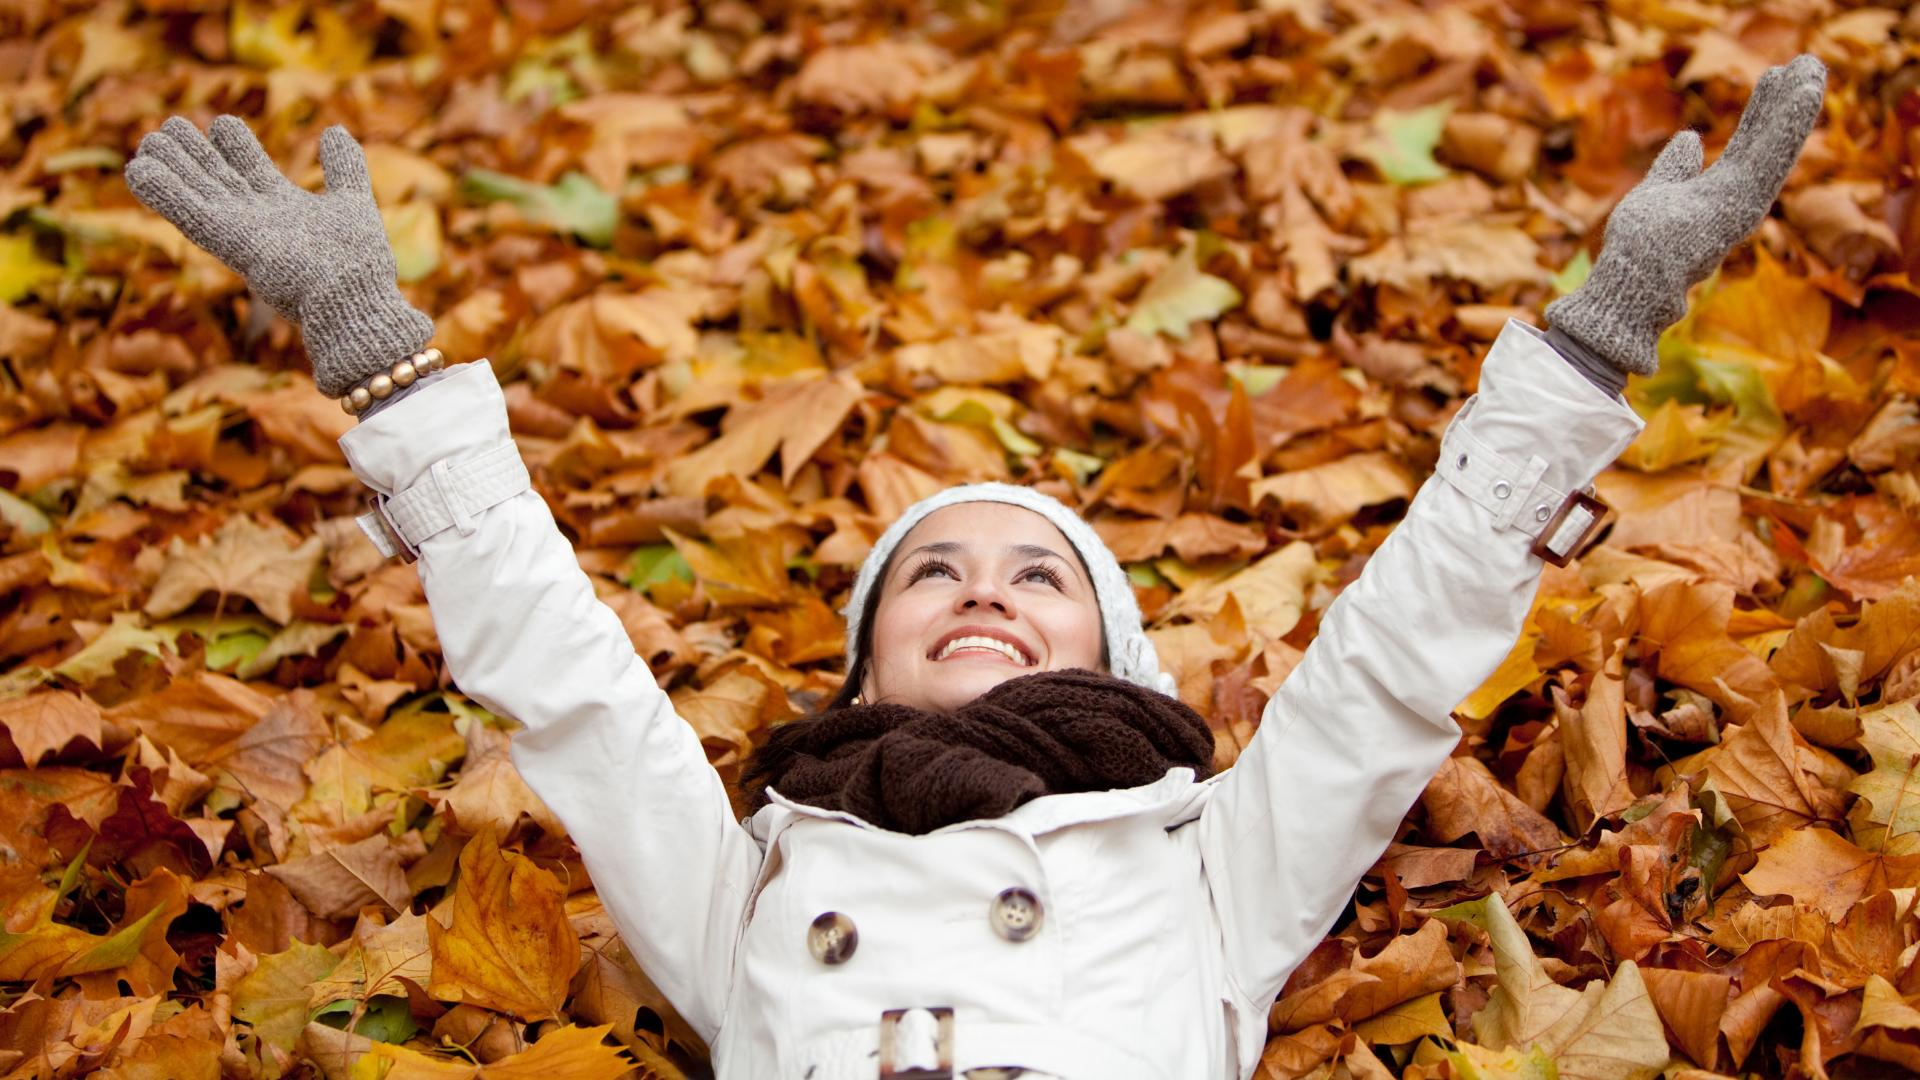 So Long Summer, I'm So Ready For Fall!